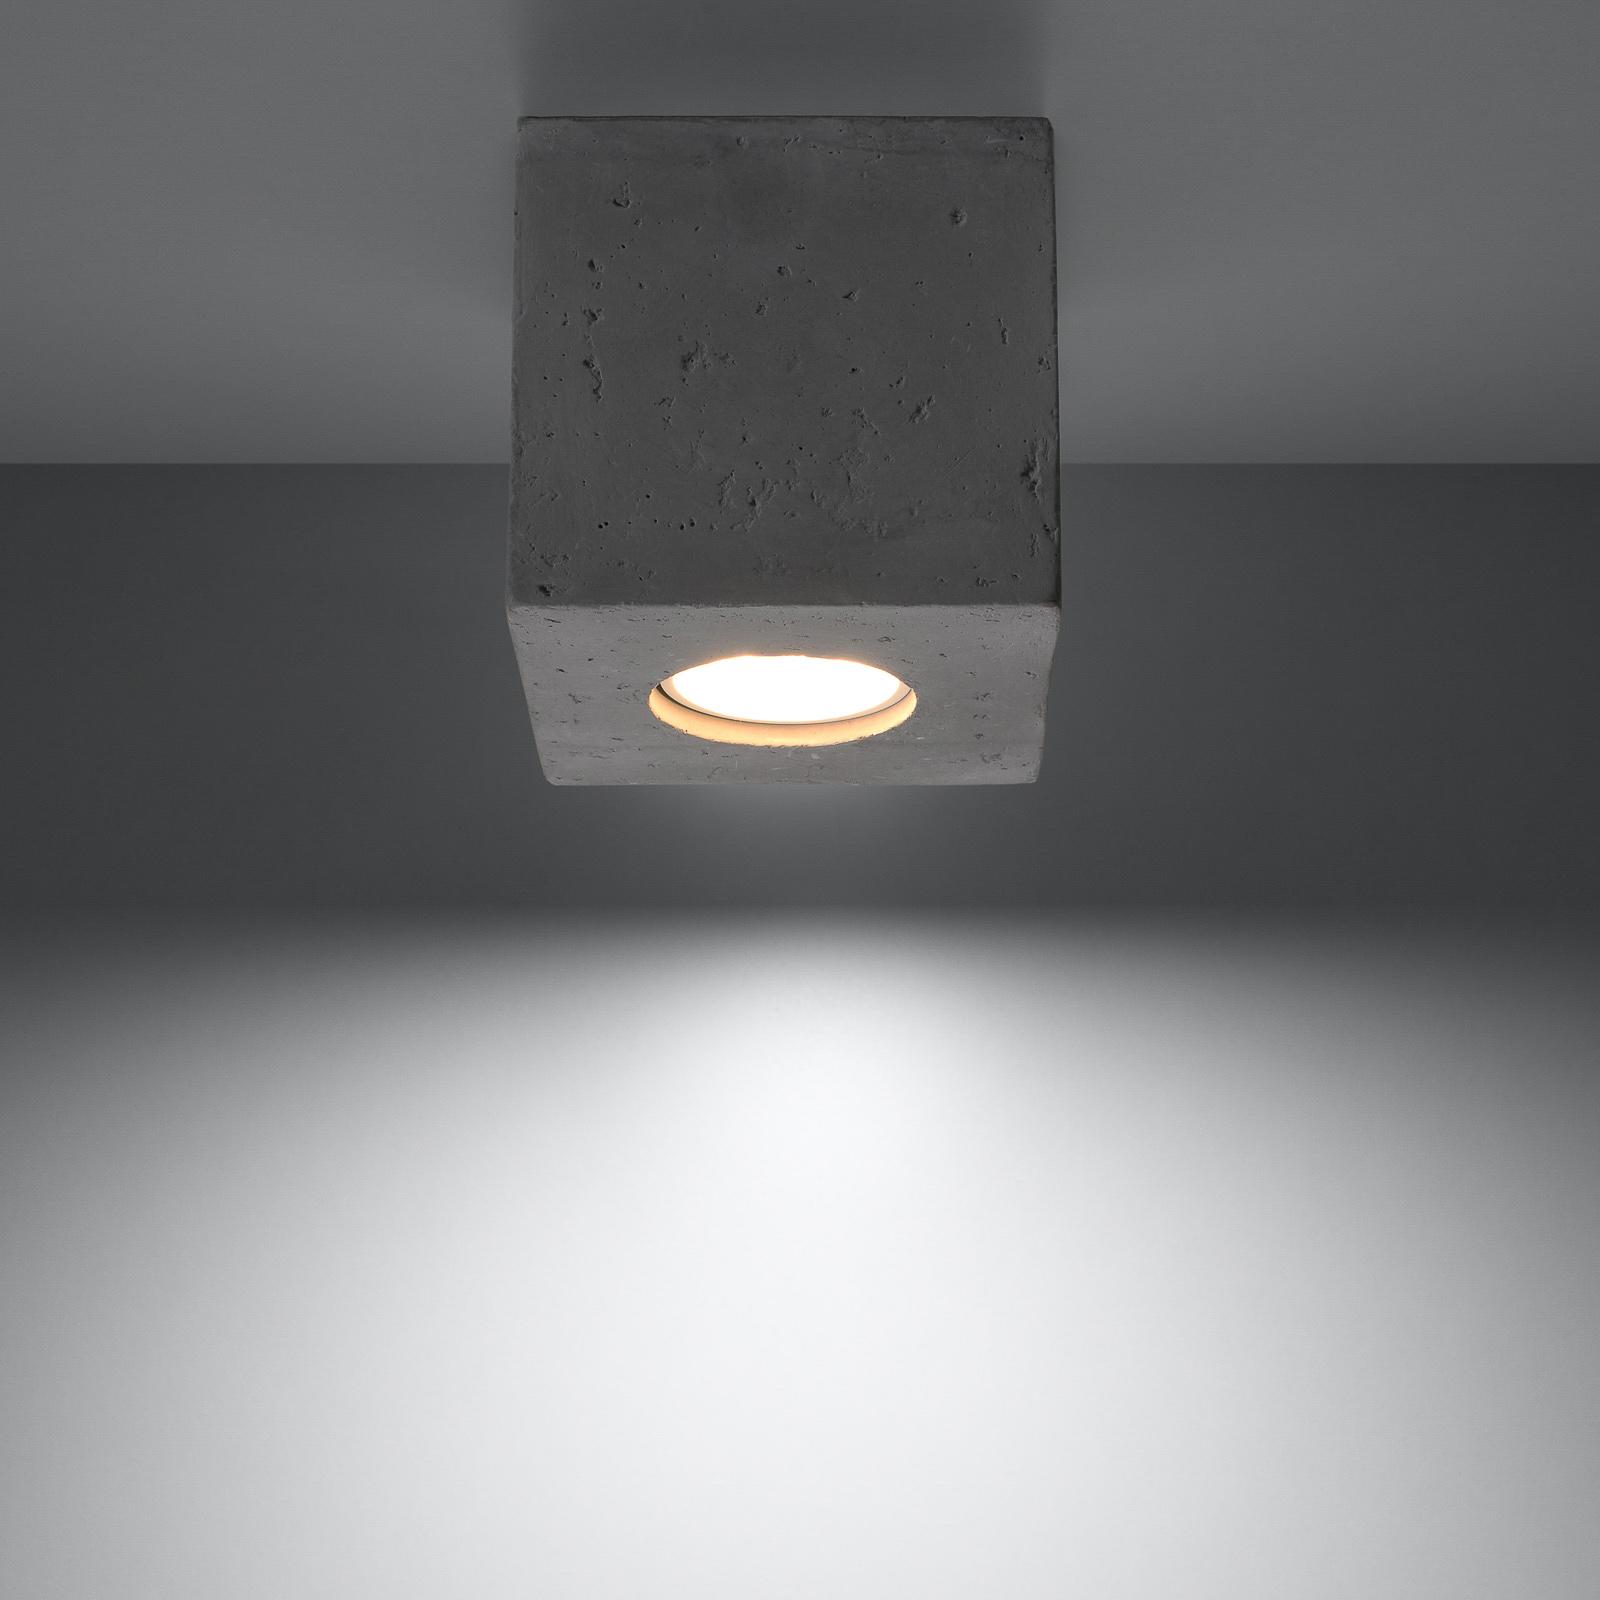 Lampa sufitowa Ara jako kostka z betonu